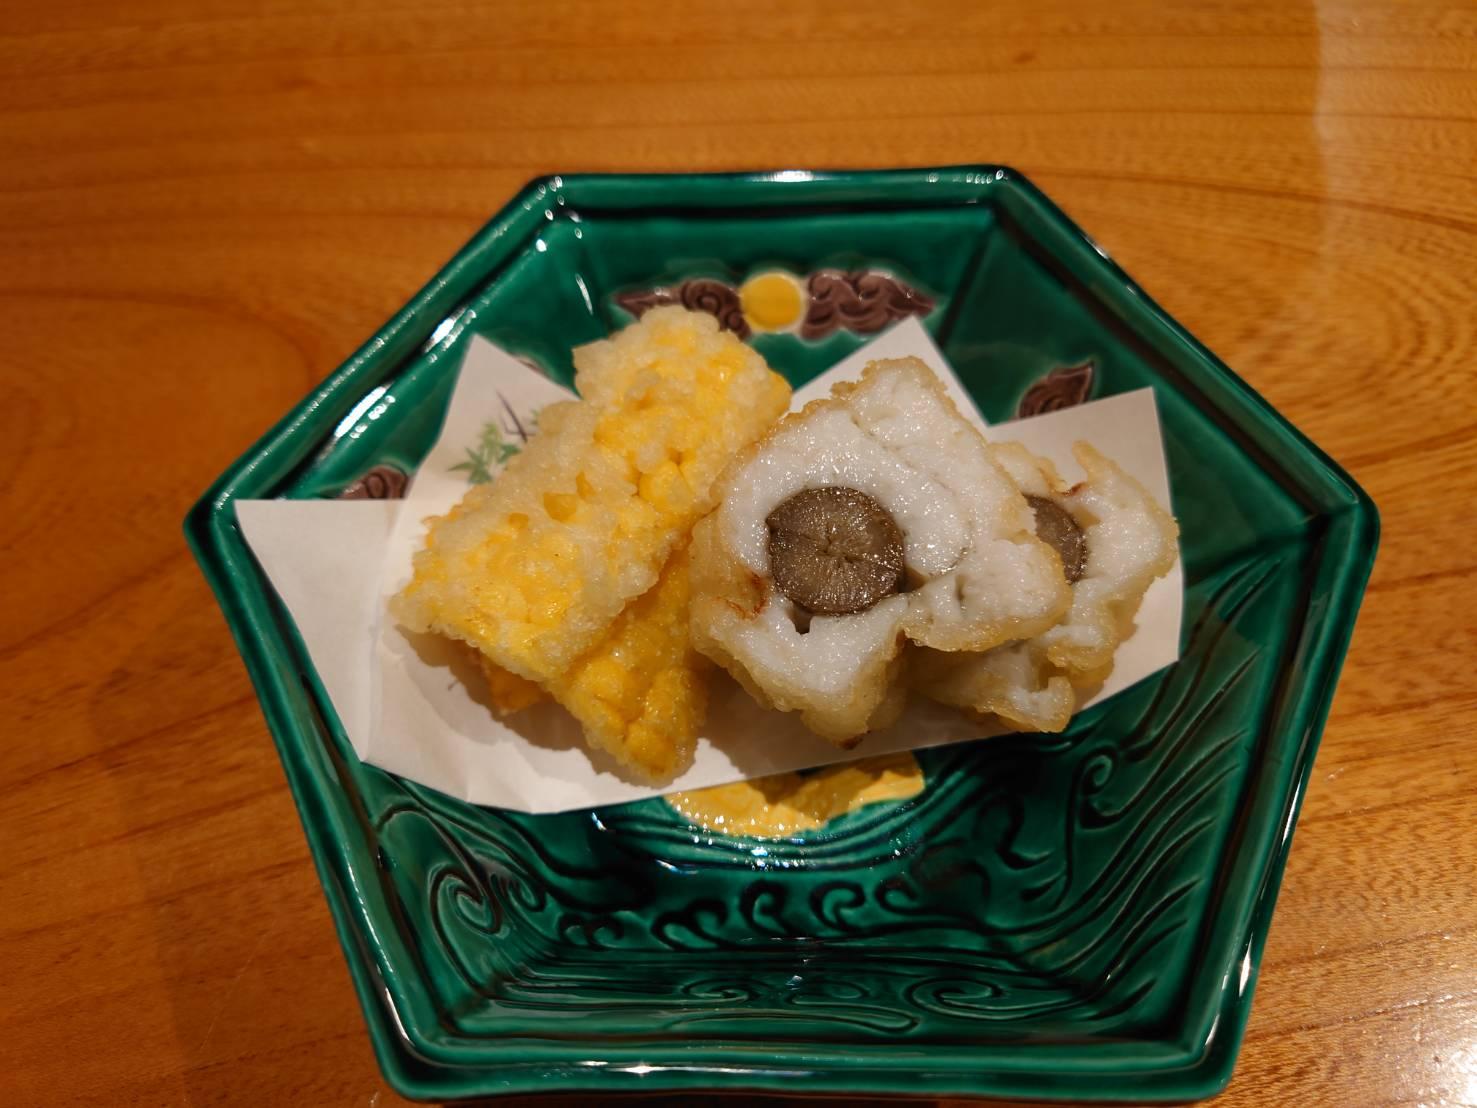 【日本料理みつわ】鱧<p>黄金に輝く熊本県天草の鱧は、 身が柔らかく、澄んだ旨味がこの季節ならでは。 相性の良い牛蒡と共に八幡巻に仕上げました。 同じくこれから旬を迎える、 とうもろこしの天ぷらも香ばしく美味でございます。</p>